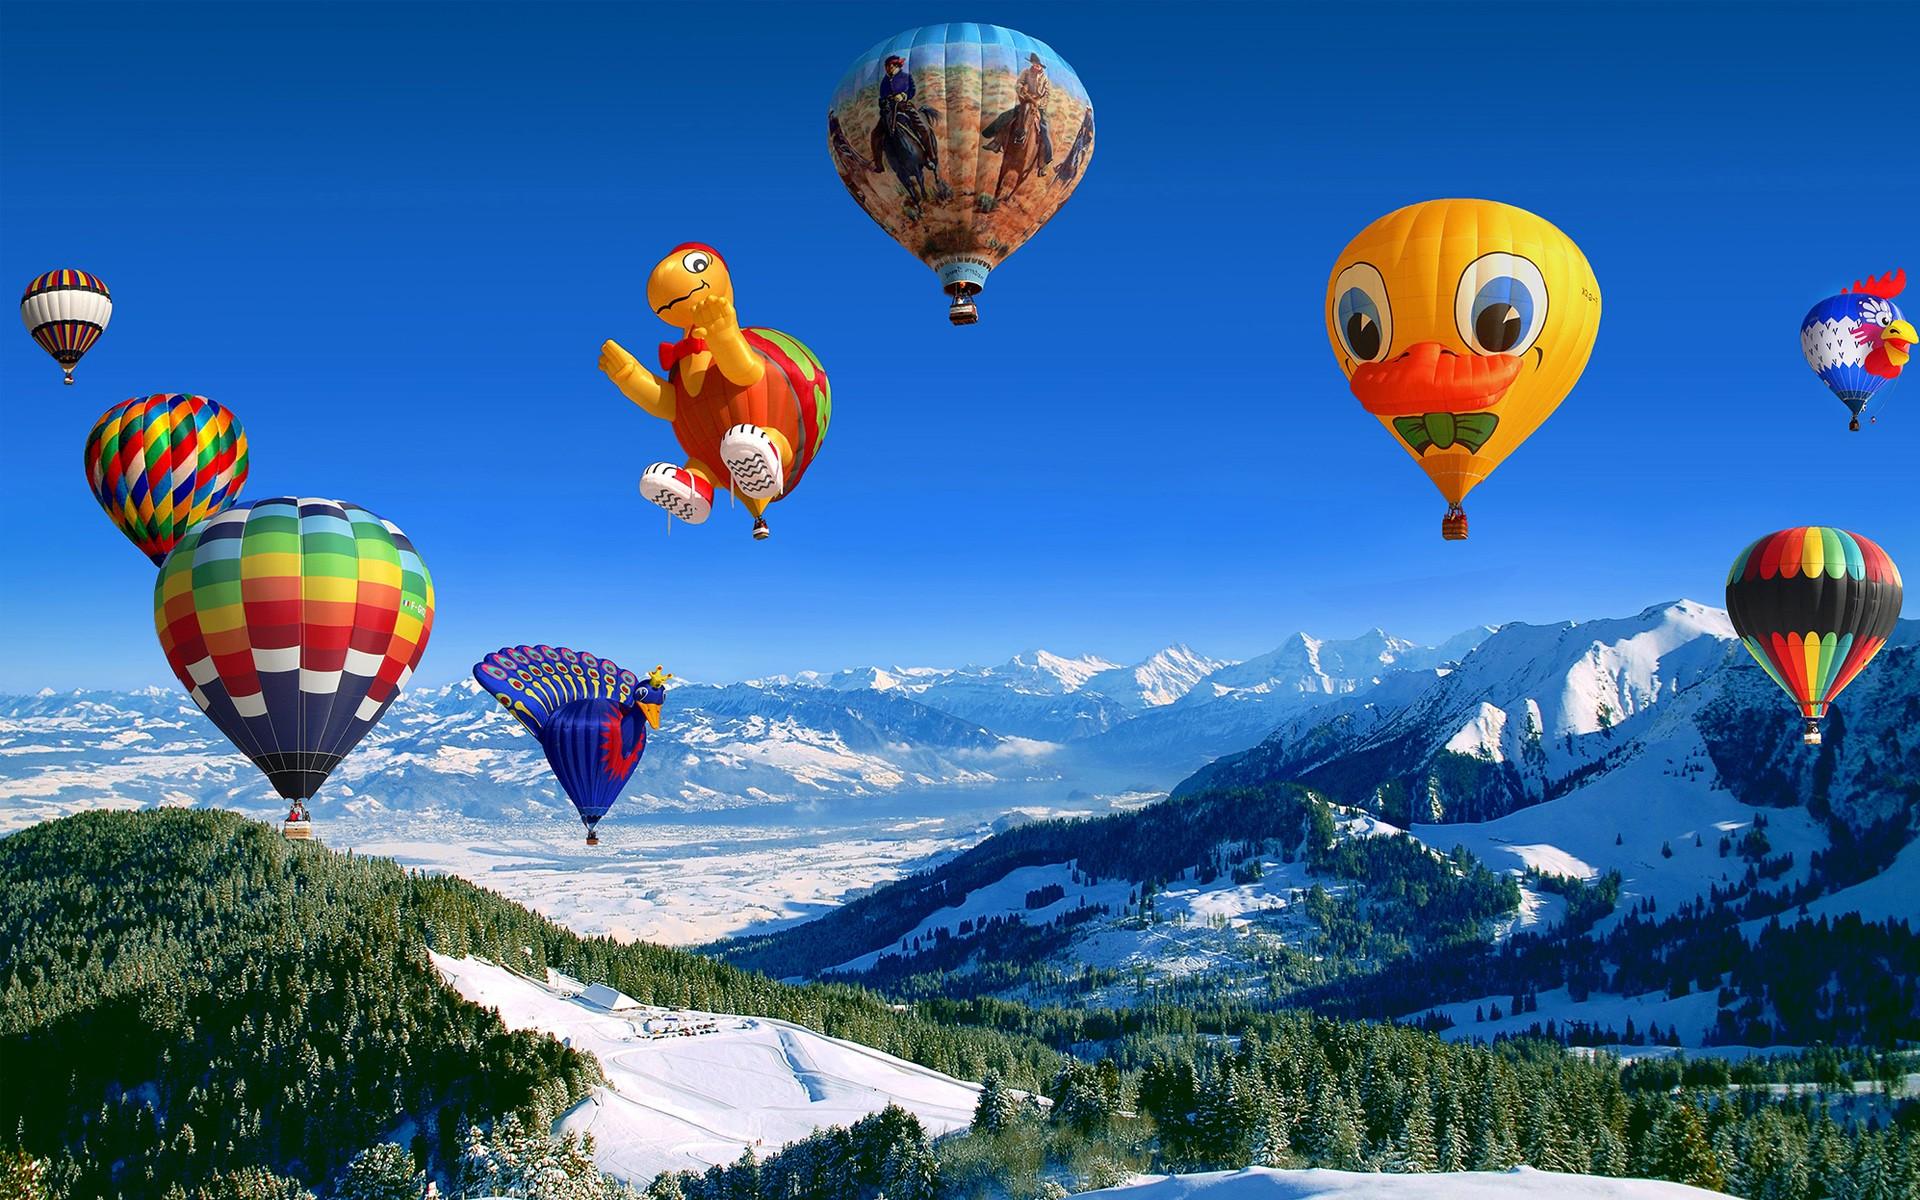 Hình ảnh khinh khí cầu bay trên những ngọn núi